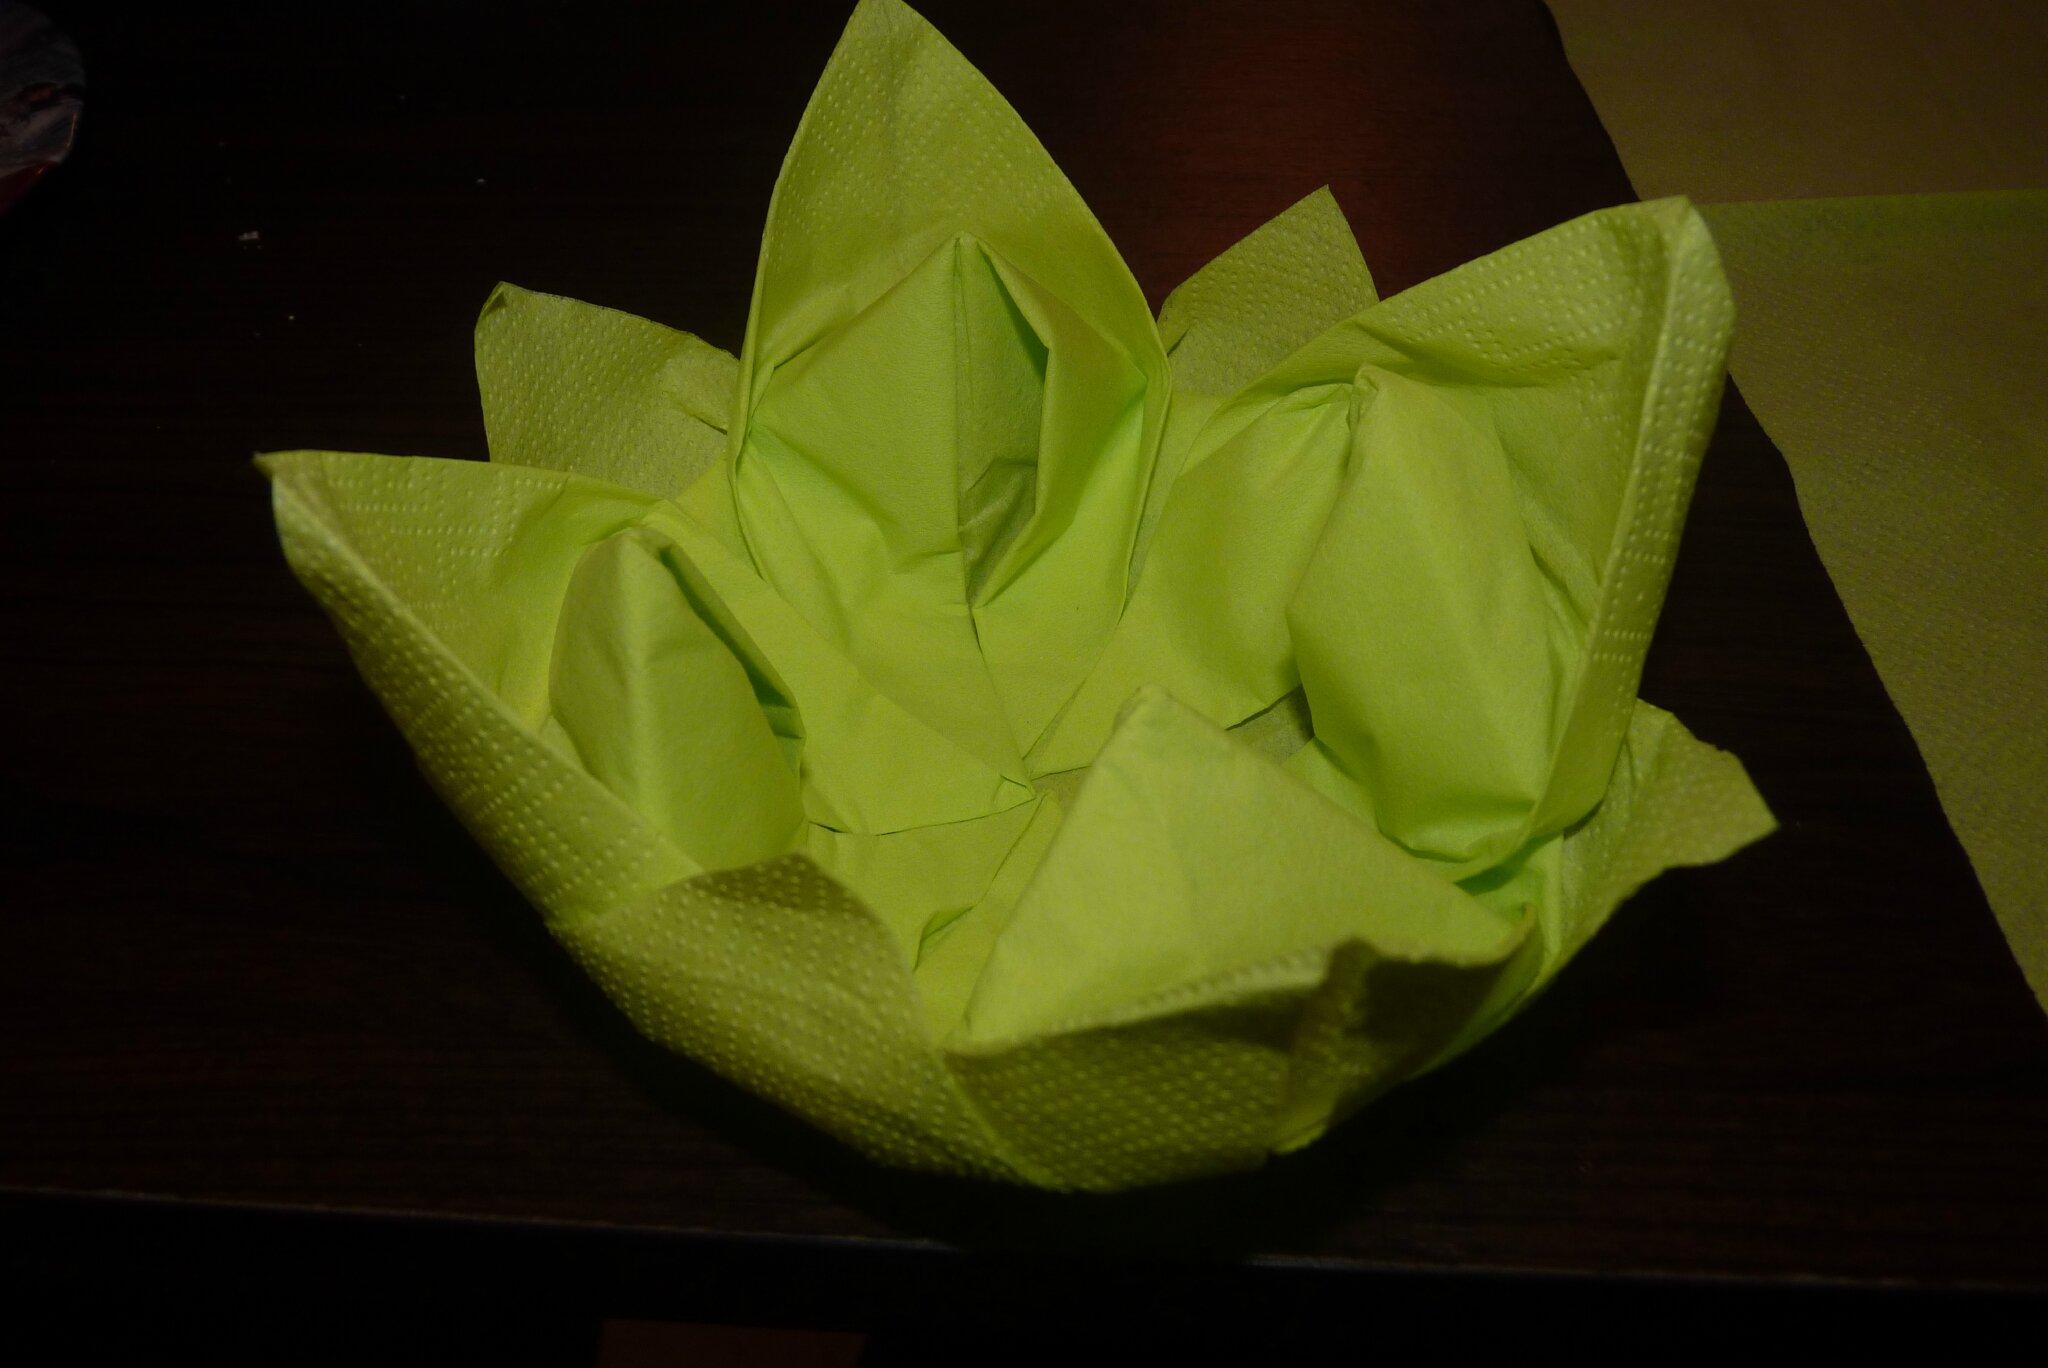 tutoriel pliage de serviette fleur de lotus n nuphar histoires de carabouillas. Black Bedroom Furniture Sets. Home Design Ideas